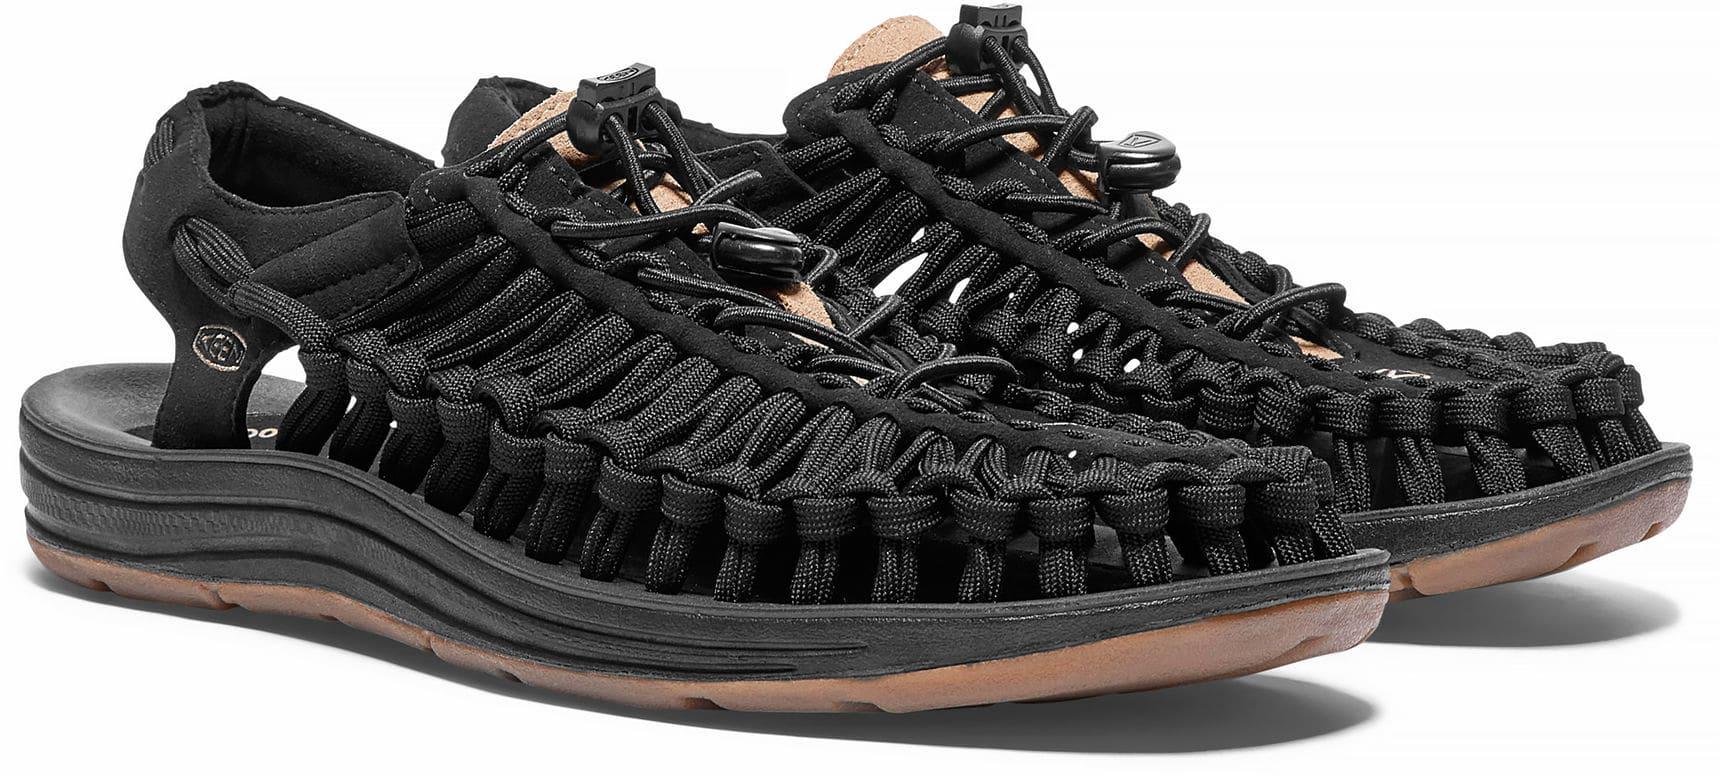 e5e9d26e06d8 Keen Uneek Flat Cord Sandals - thumbnail 5